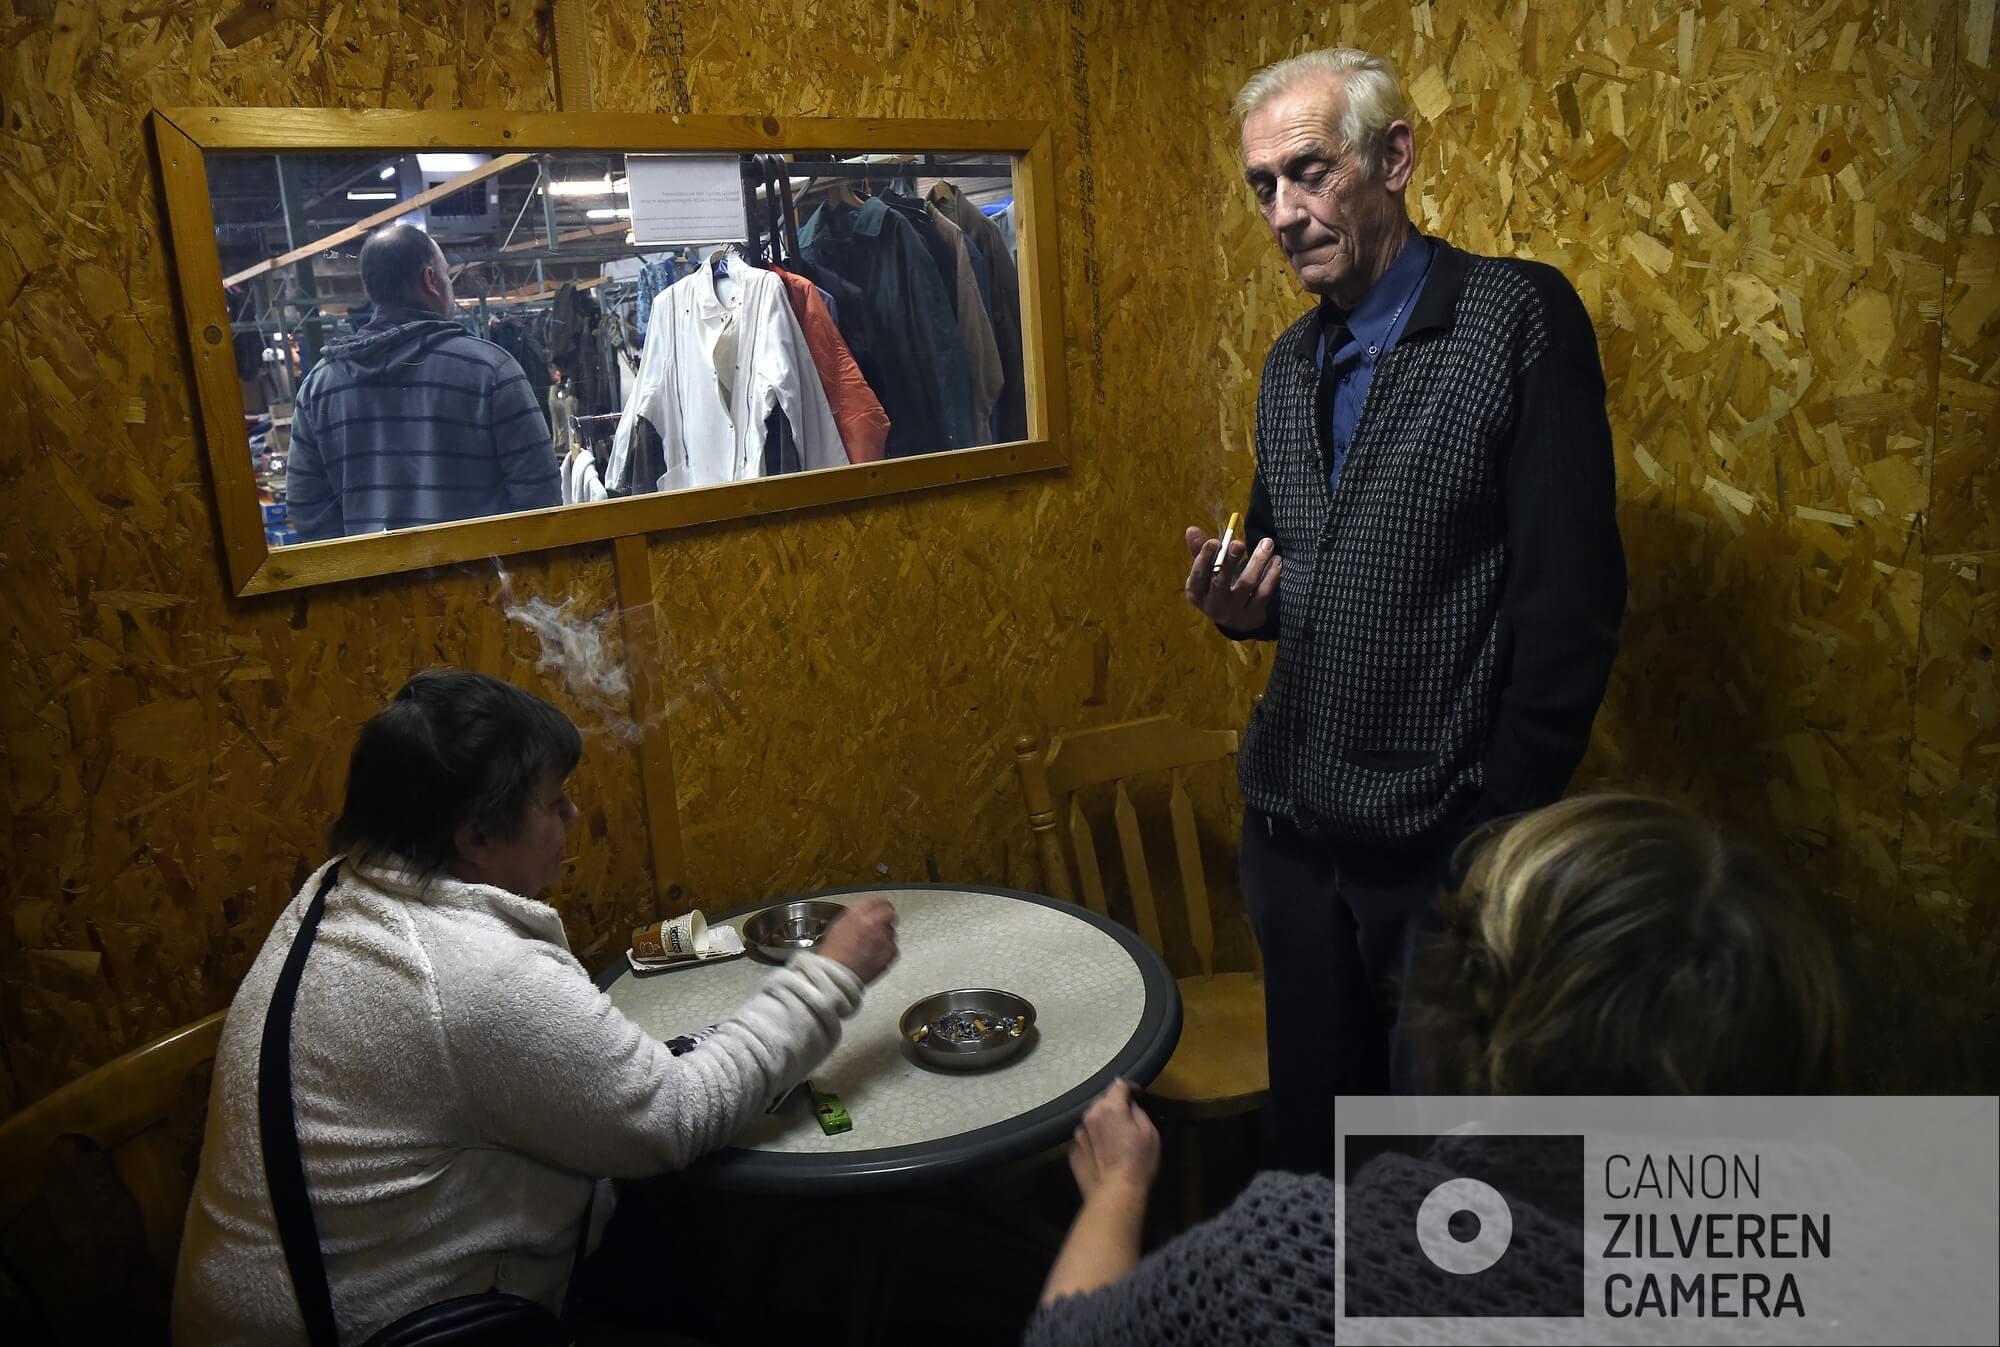 17-2-2018 Wamel2iRookruimtes moeten weer worden gesloten. Heeft elke ondernemer inmiddels eindelijk een inpandige rookruimte gebouwd. En nu moet die ruimte per 1 juli 2022 weer verdwijnen. Het ontmoedigingsbeleid van de overheid met betrekking tot roken zet zich voort.rookruimte in Vrije Markt